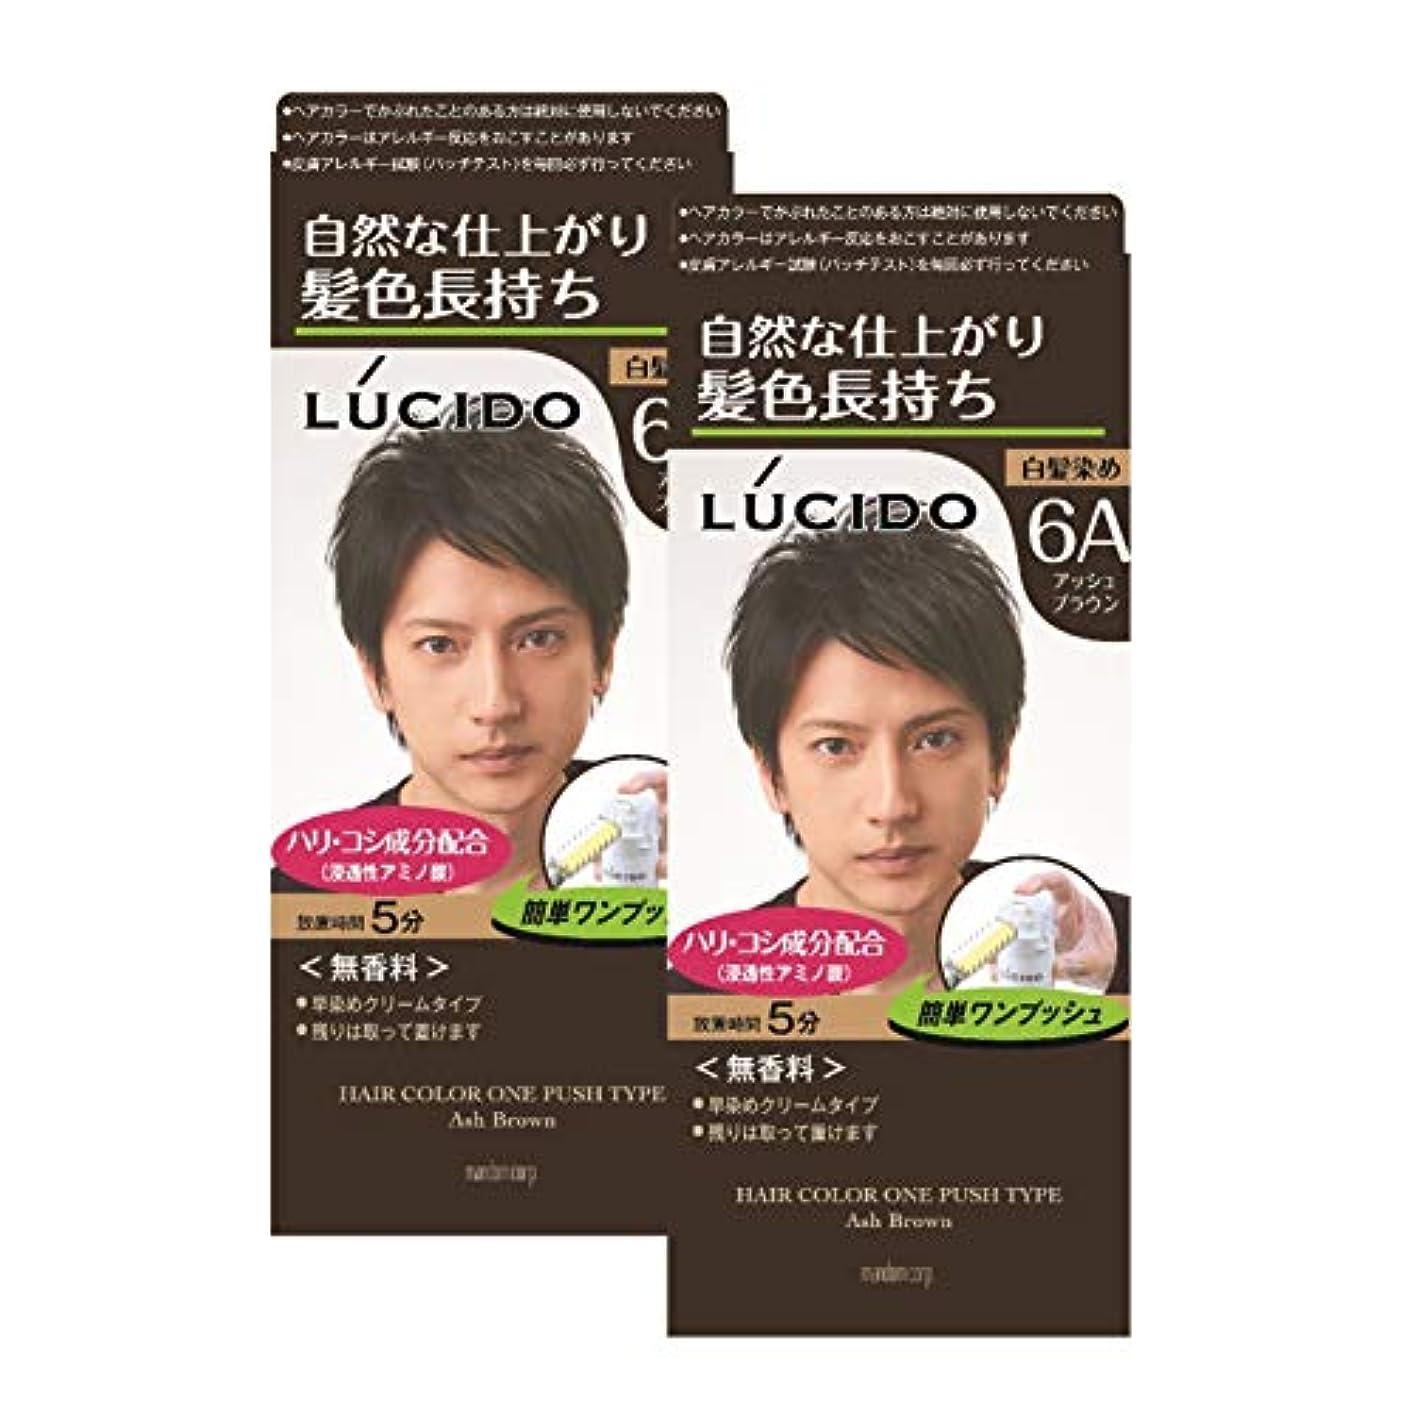 検出器鮫構想するLUCIDO(ルシード) ルシード ワンプッシュケアカラー アッシュブラウン (医薬部外品) 白髪染め 2個パック